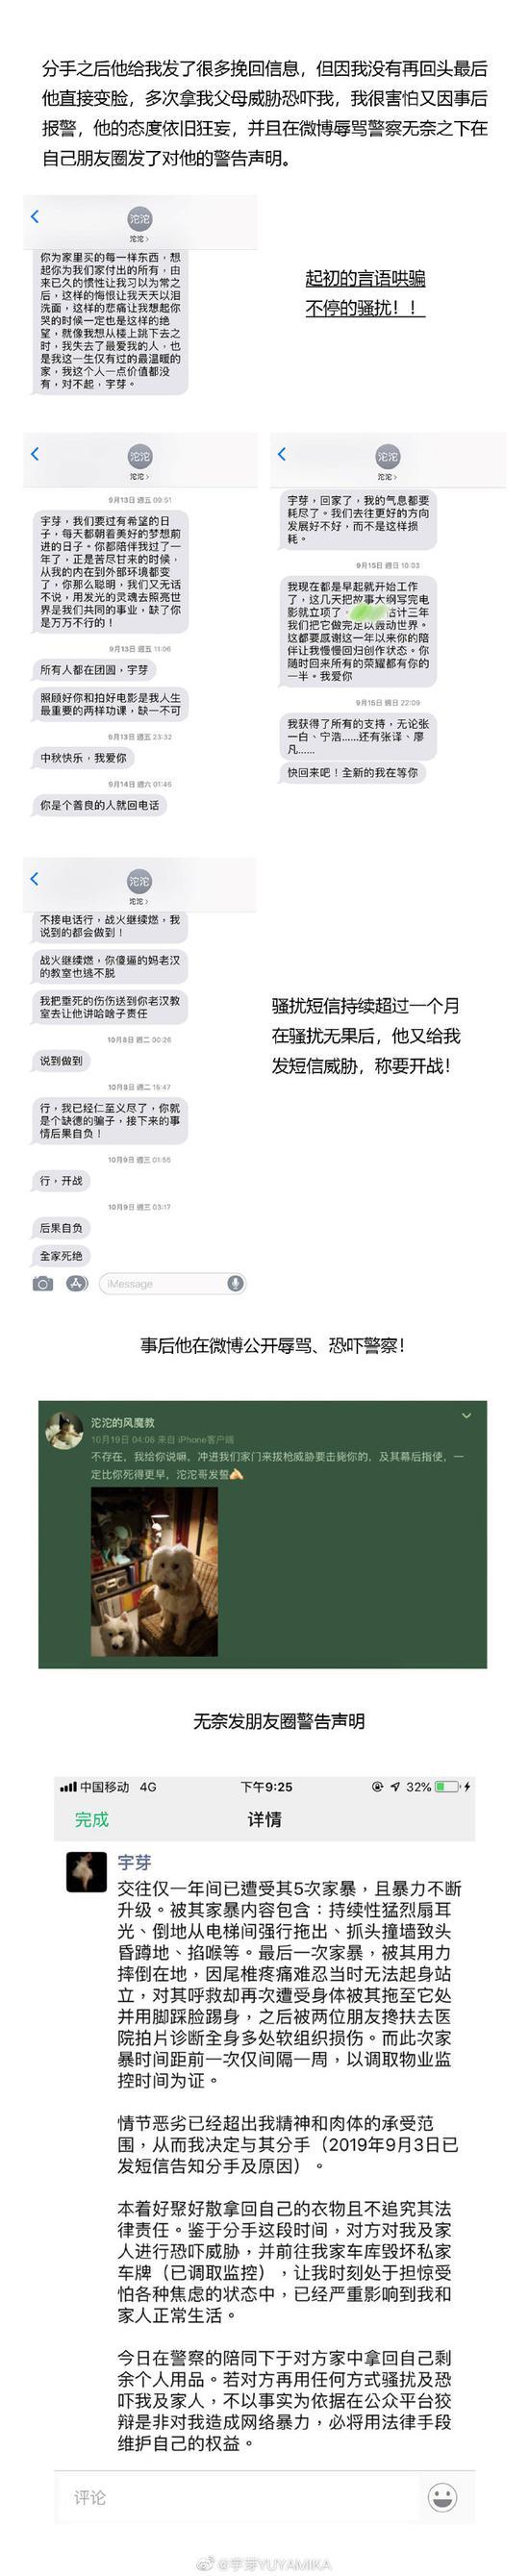 k8娱乐官网地址ag旗舰下载-中国国务院常务会议透露利率市场化改革迈出关键一步